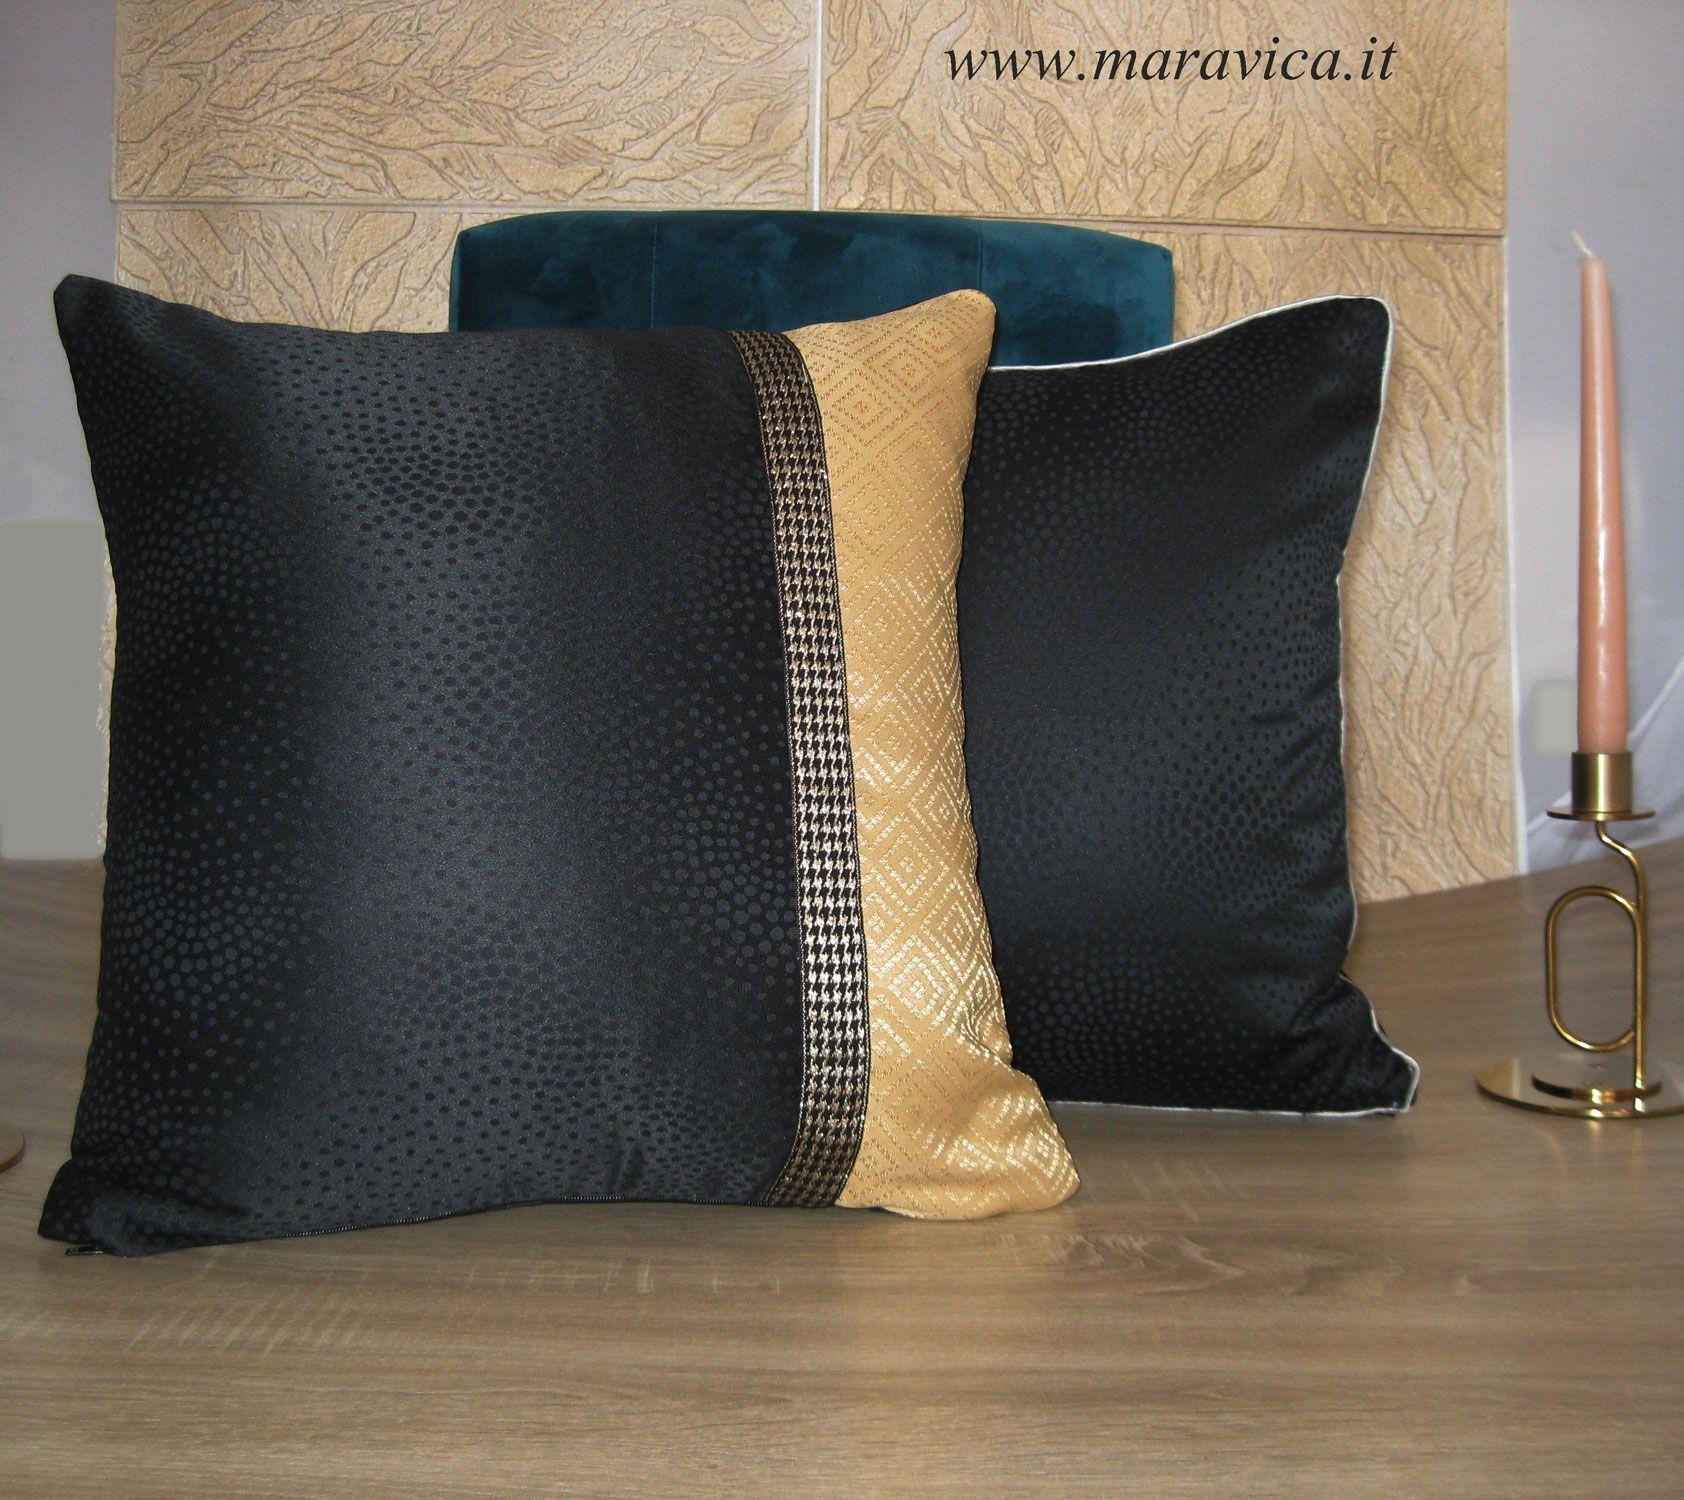 Cuscino arredo divano moderno e glam bicolore nero e oro nel 2019 ...